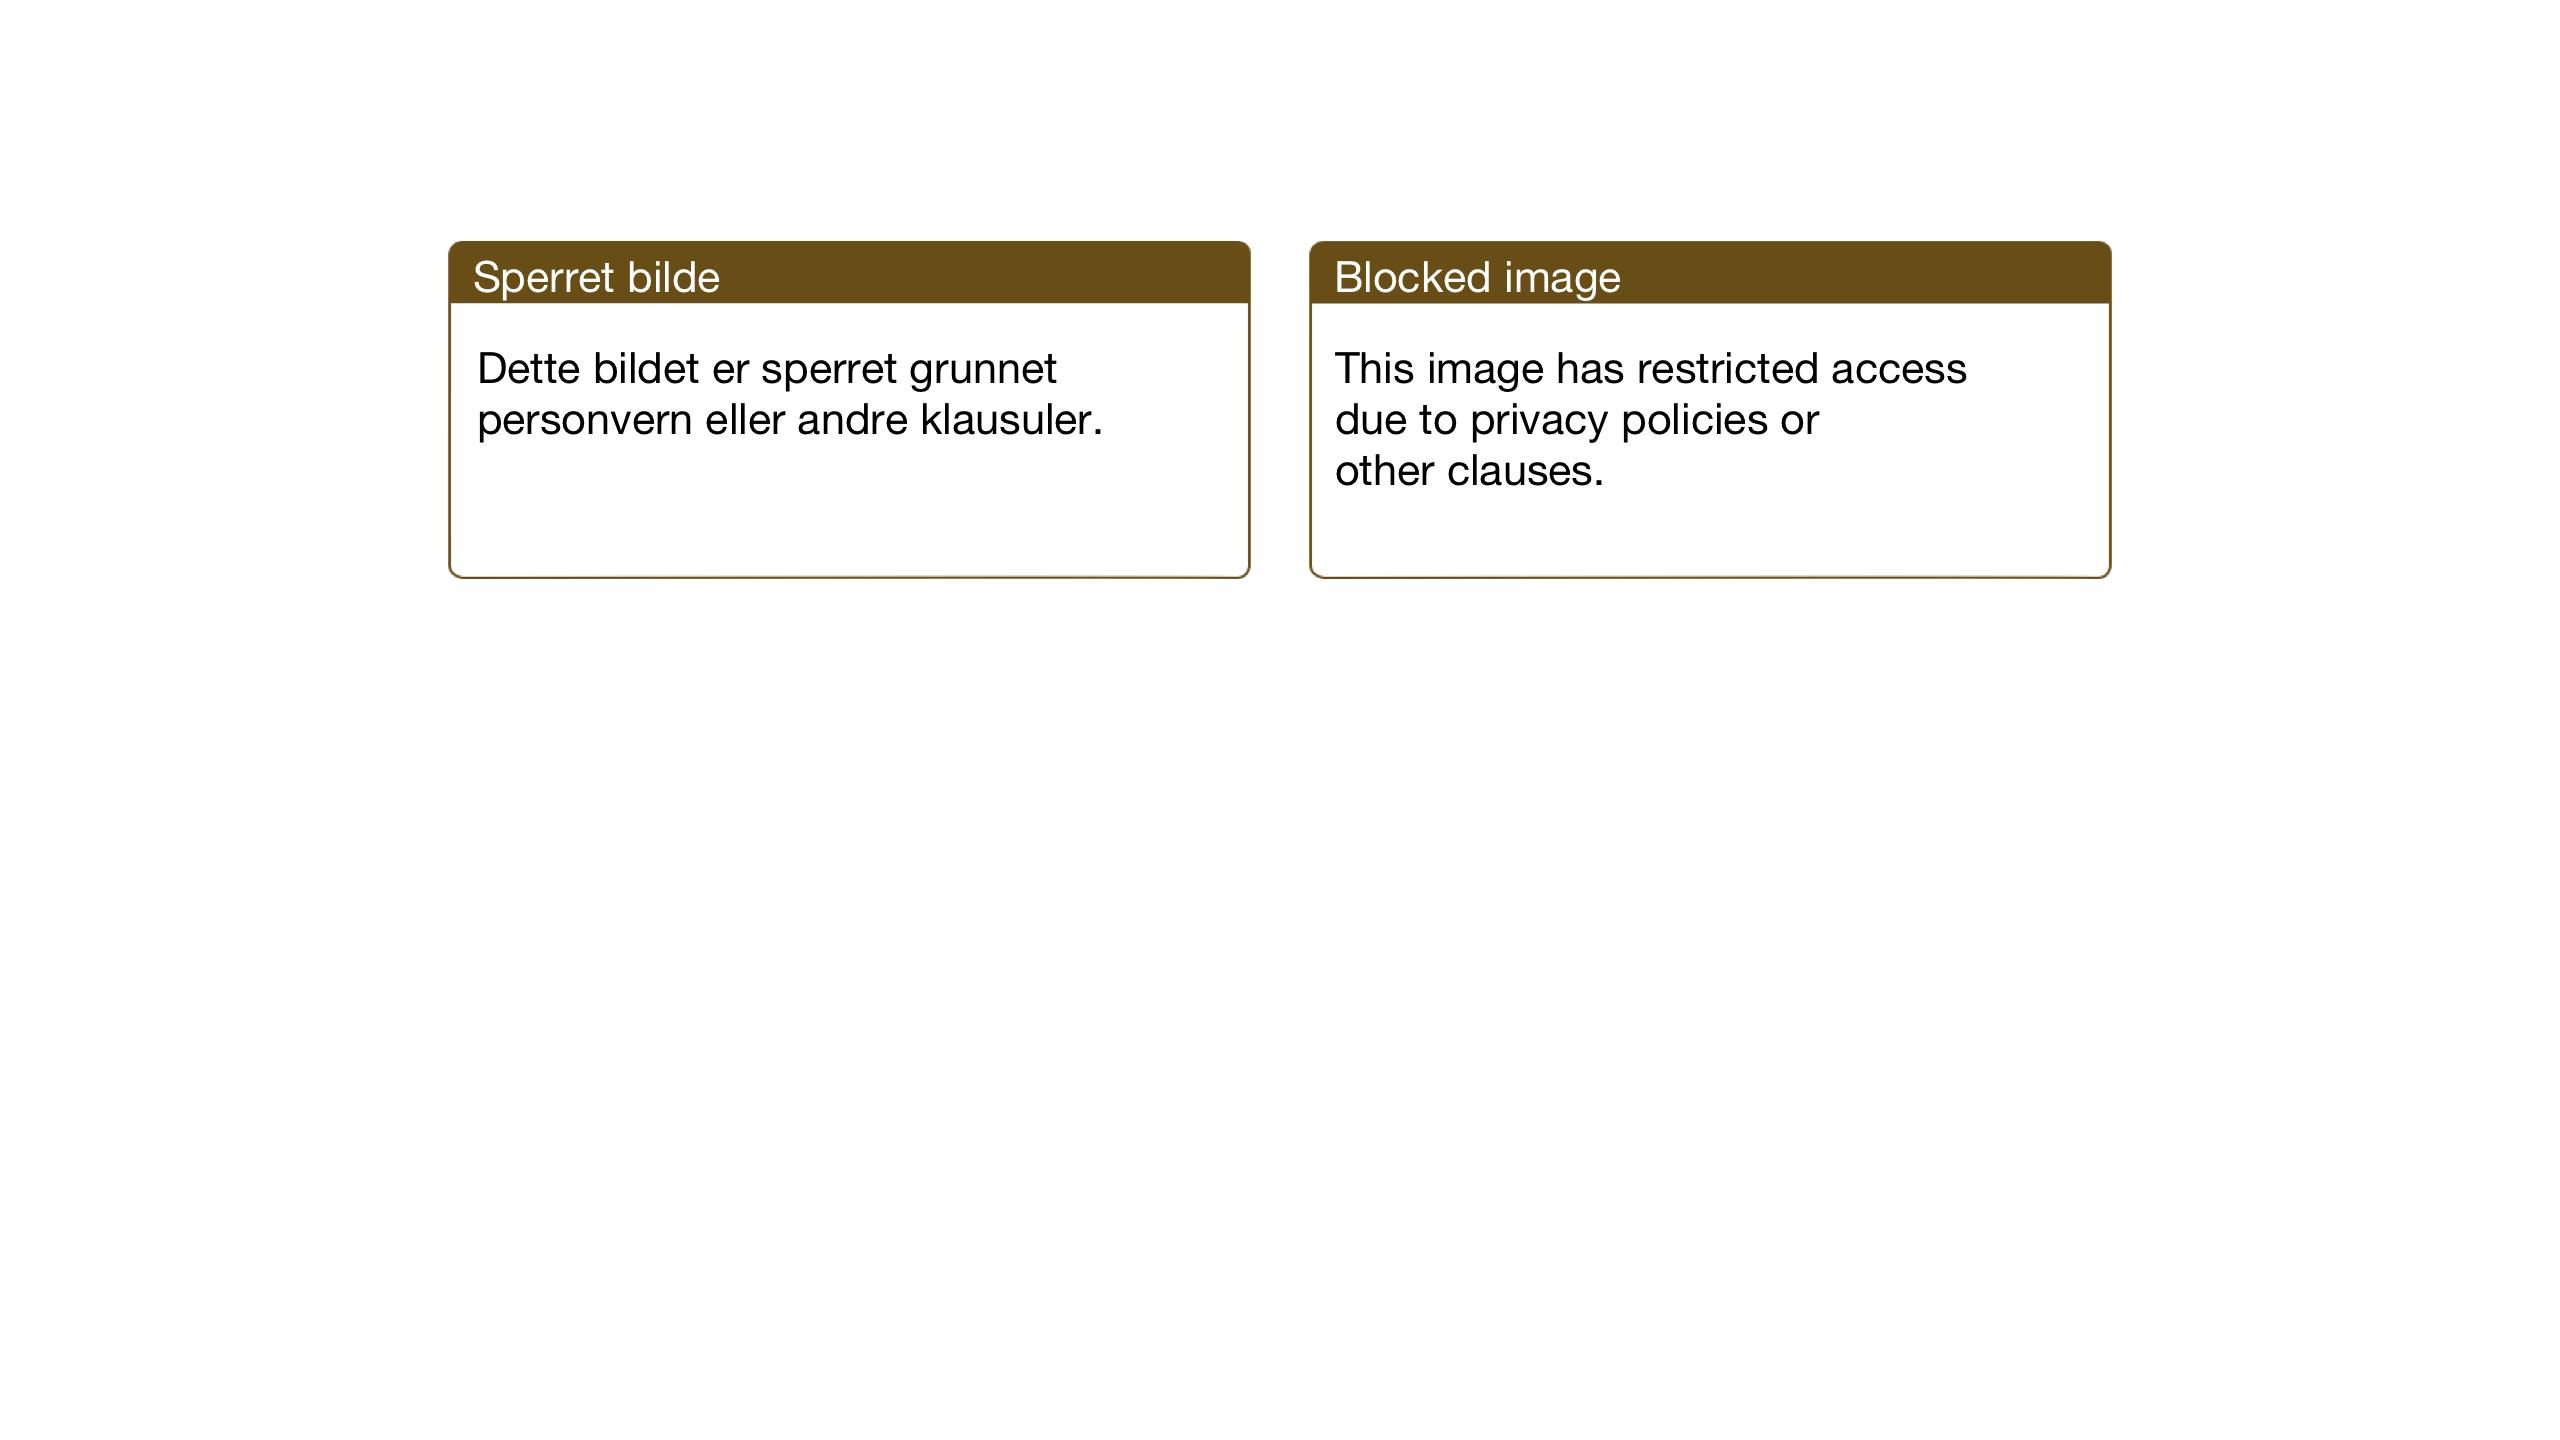 SAT, Ministerialprotokoller, klokkerbøker og fødselsregistre - Nord-Trøndelag, 755/L0500: Klokkerbok nr. 755C01, 1920-1962, s. 183